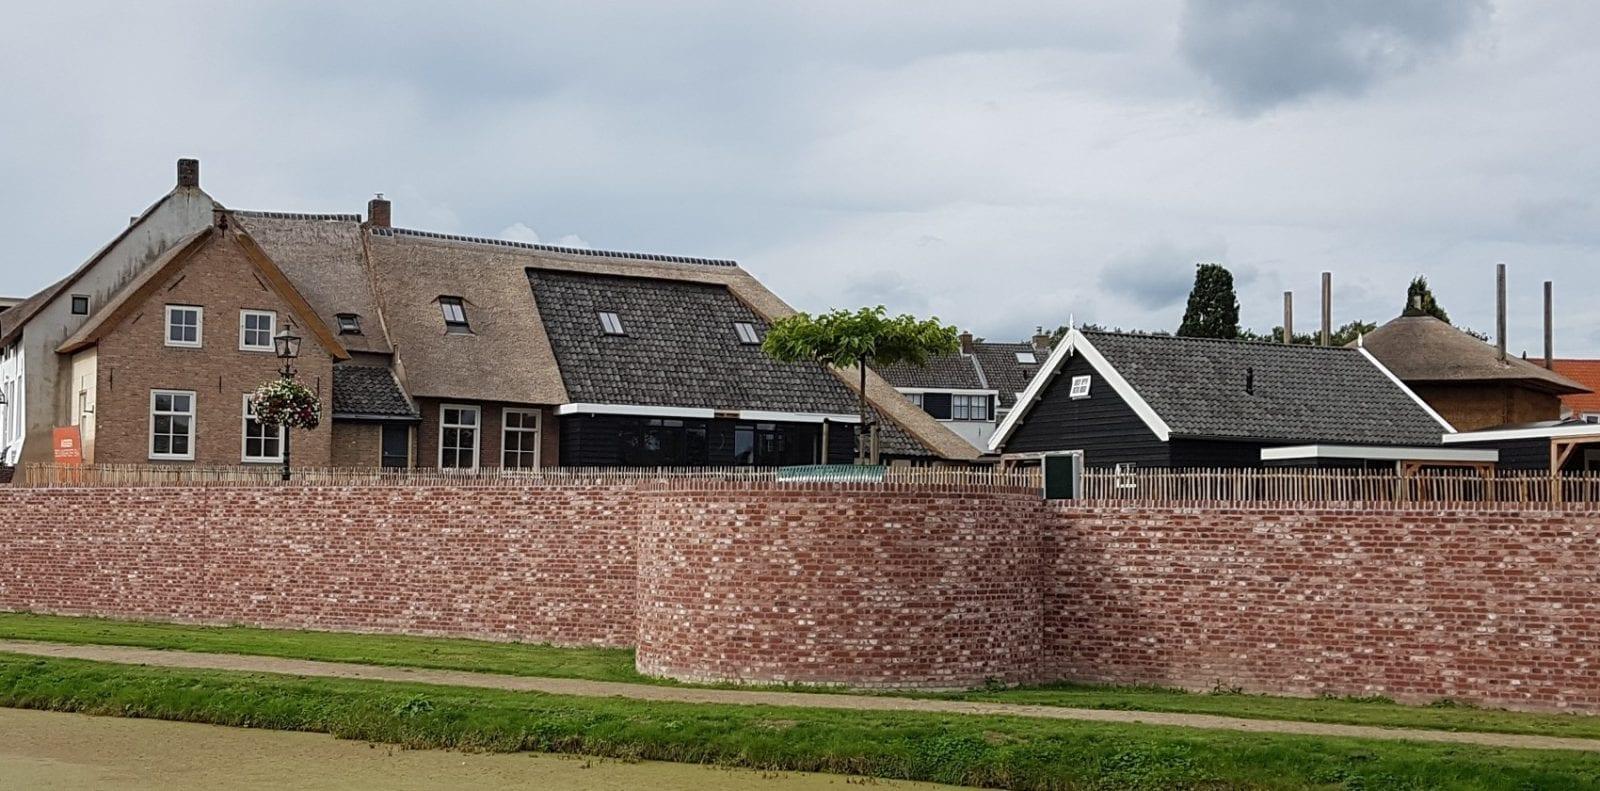 Den Hartog riet - Monumentale Stadsboerderij te Heukelum